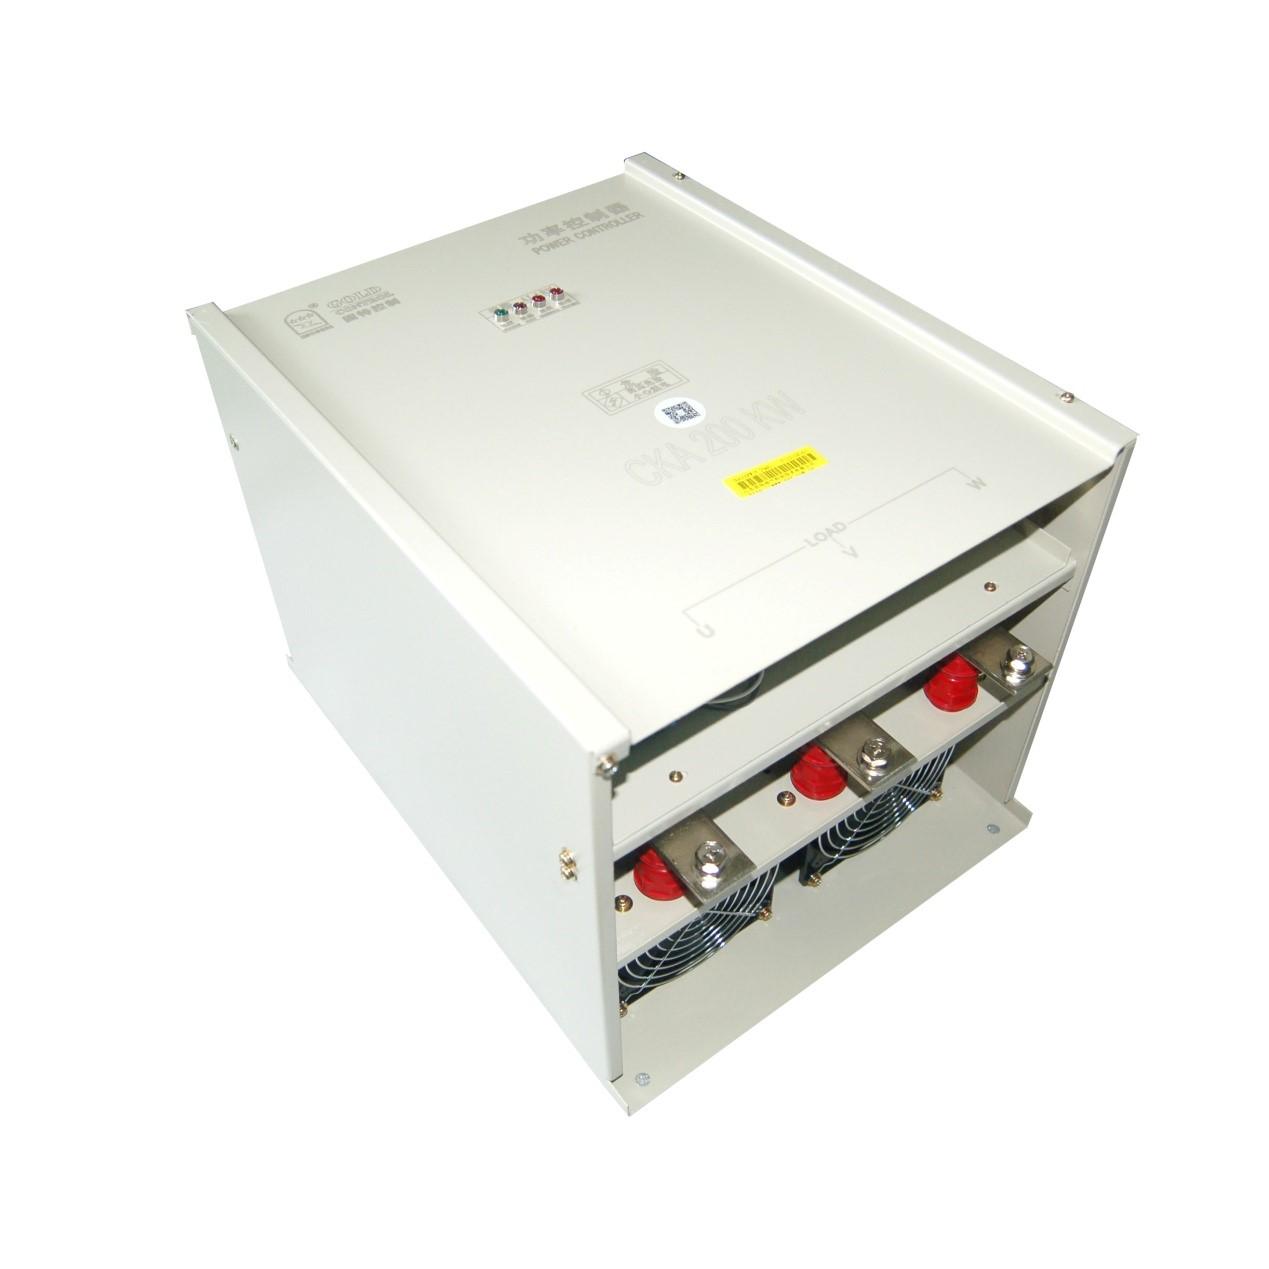 河北优质电力调整器厂家直供,电力调整器